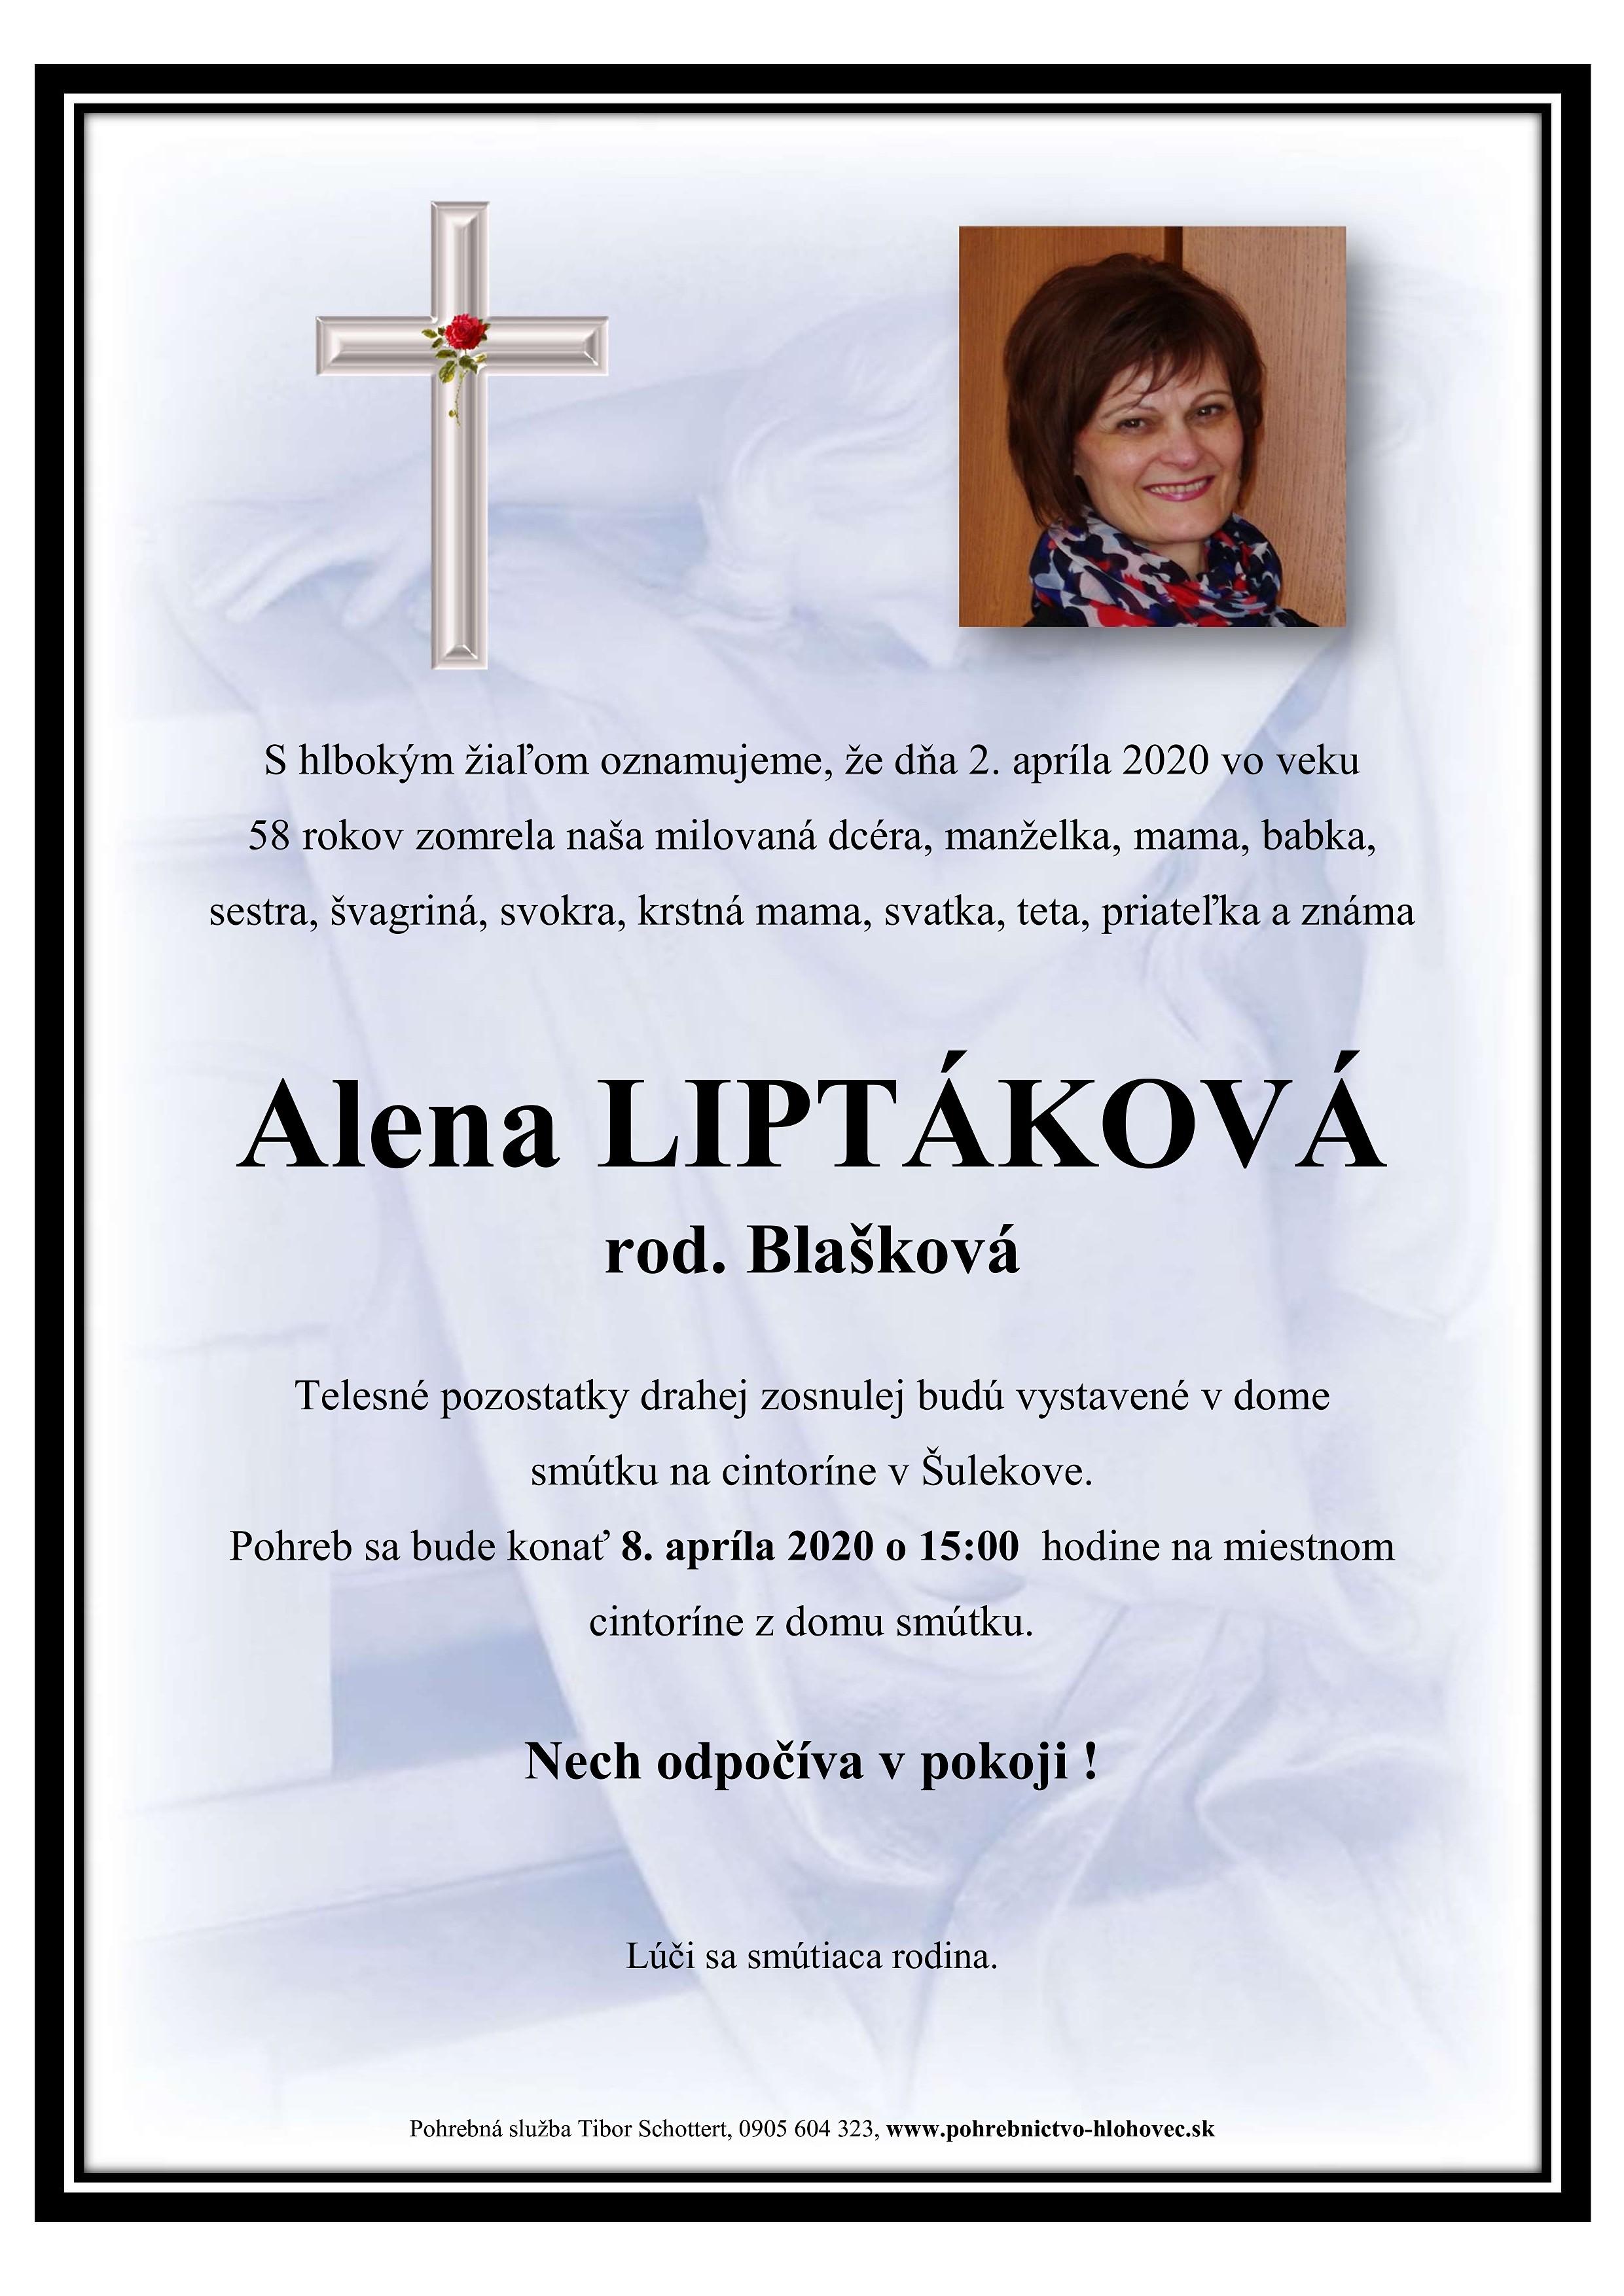 Alena Liptáková Parte